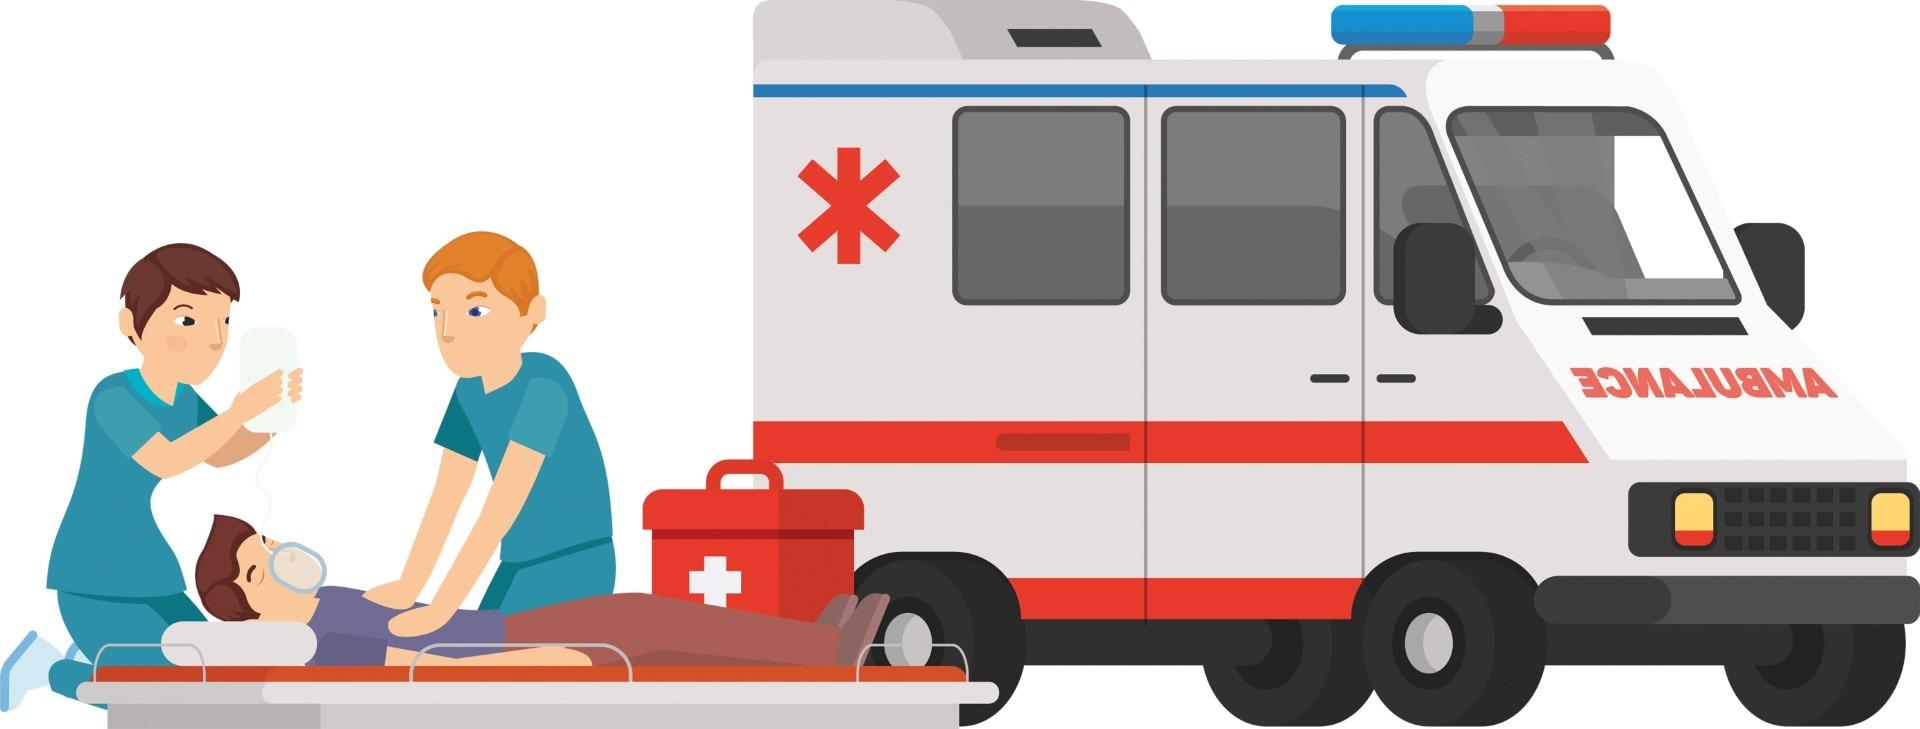 רפואת חירום